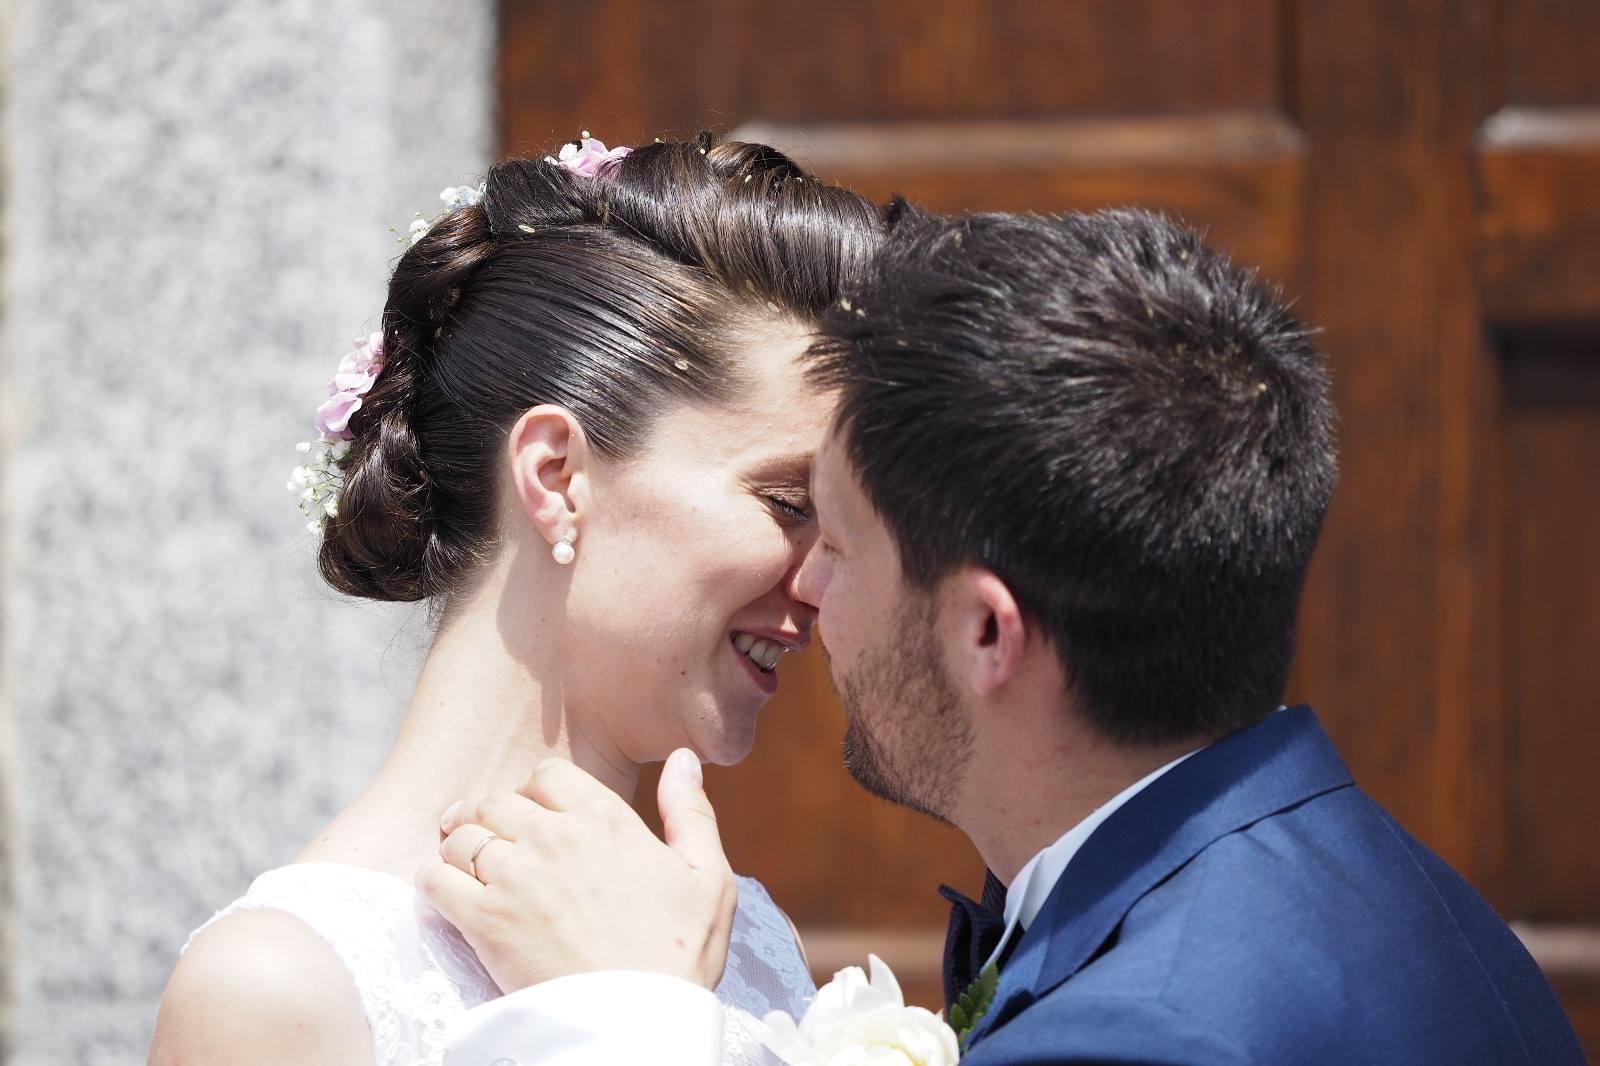 Matrimonio Azzurro Ortensia : Matrimonio ecologico l azzurro dell ortensia ci ispirerà